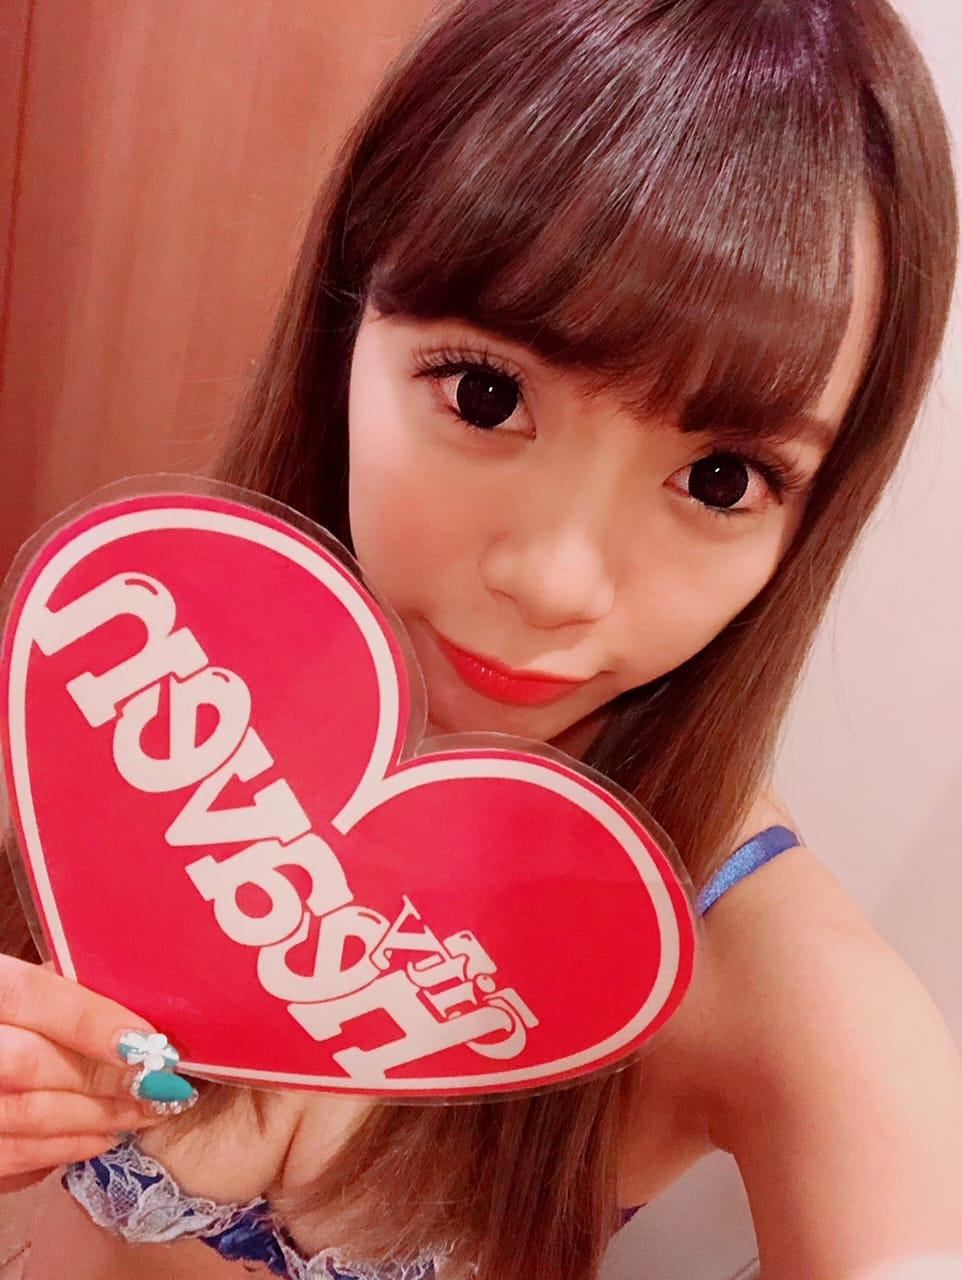 「ありがとう♡」05/11(05/11) 23:29   りなの写メ・風俗動画